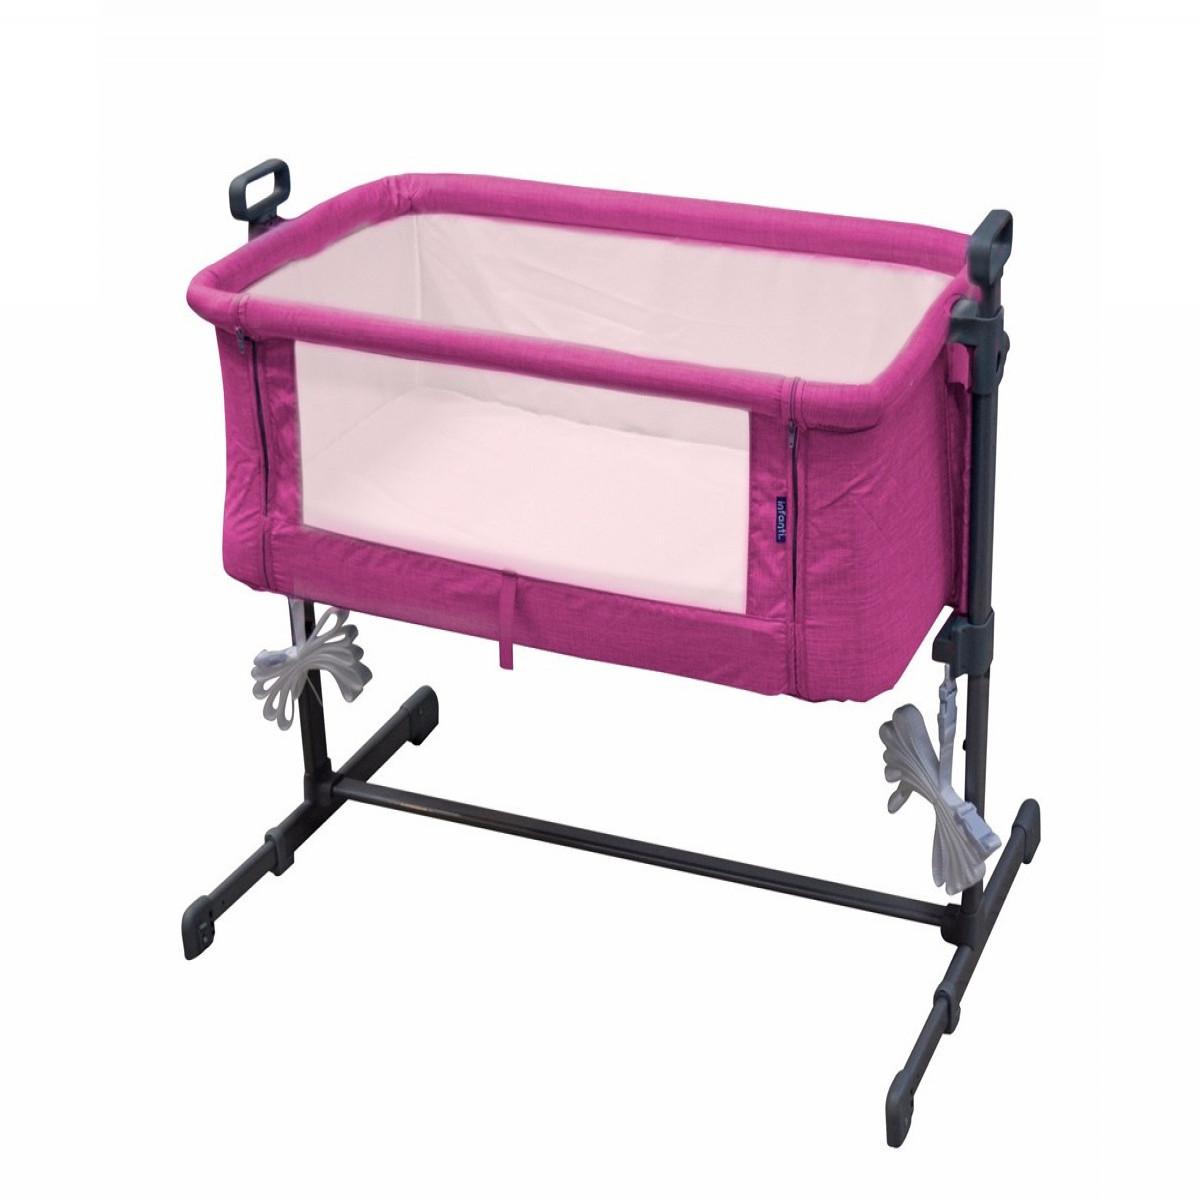 Cuna moisés colecho Infanti rosa